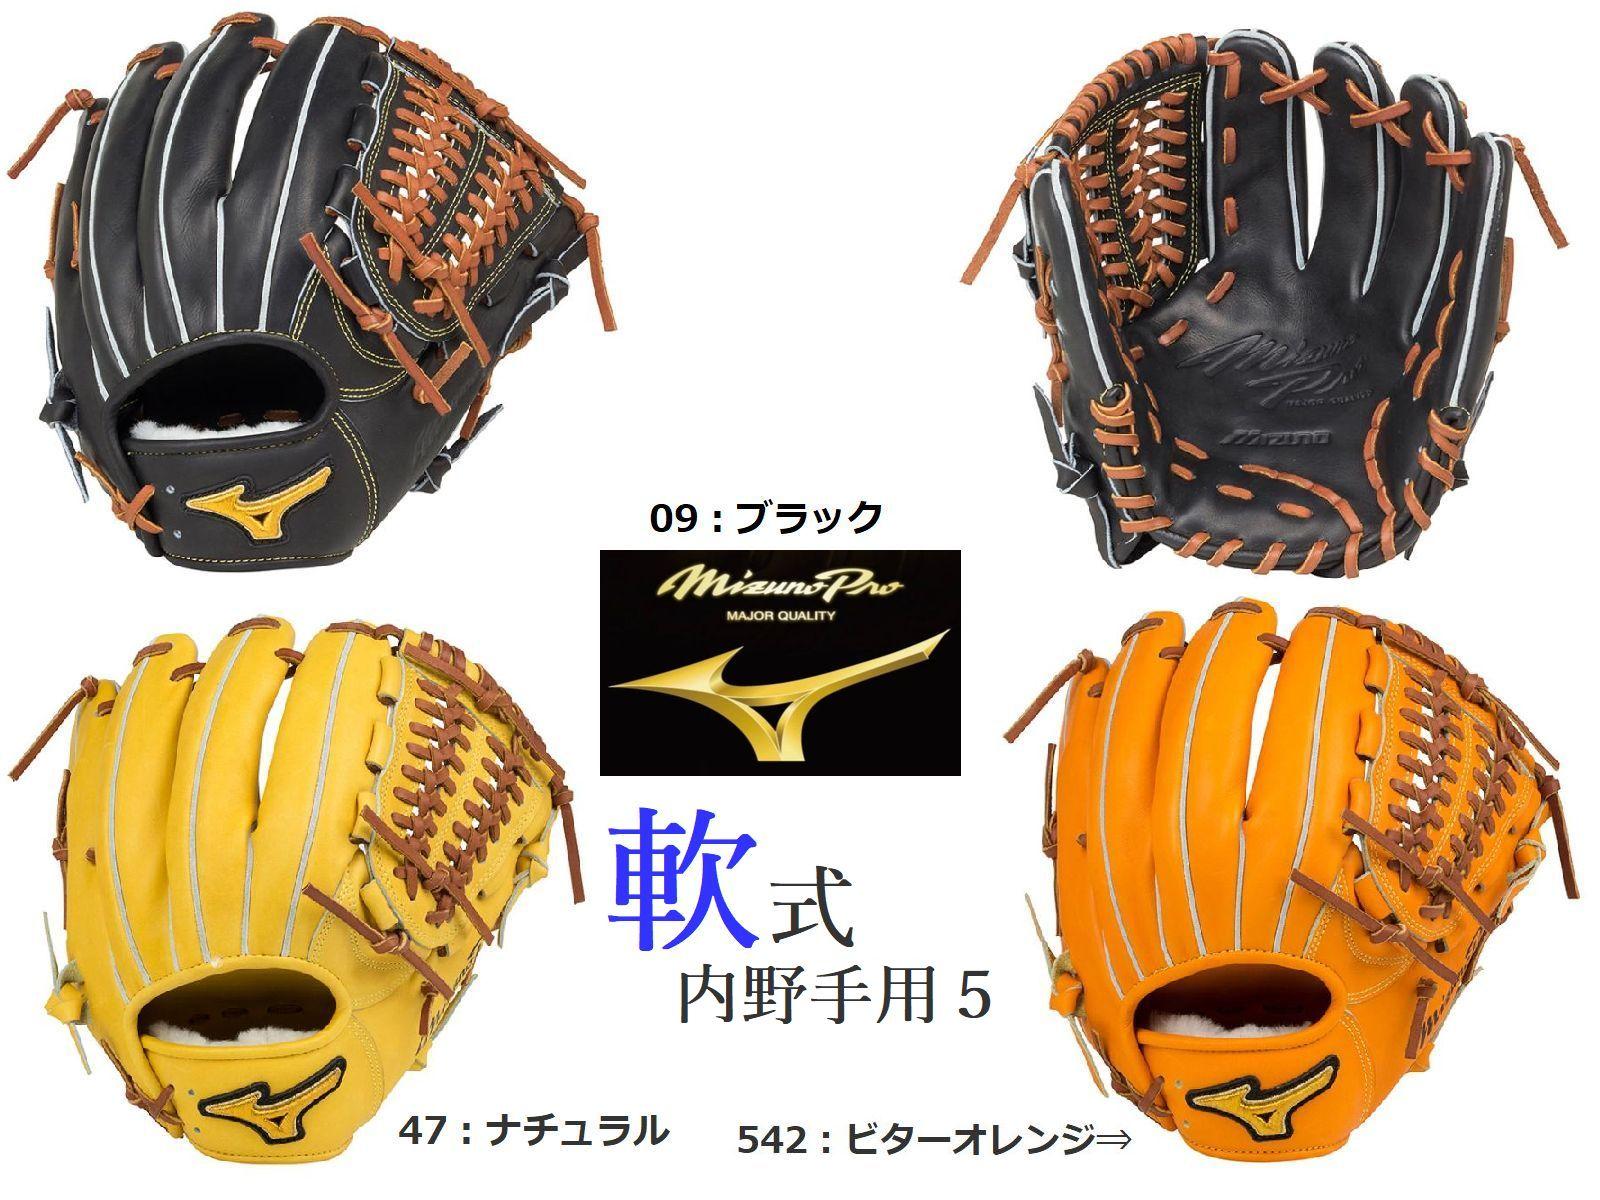 お取り寄せ品【Mizuno PRO=ミズノプロ】野球 一般 軟式用 グラブ グローブ<フィンガーコアテクノロジー【内野手用5(三塁手向/サード向)】><サイズ:10/カラーは3色/右投用のみ>中学軟式野球 草野球 BASEBALL ベースボール